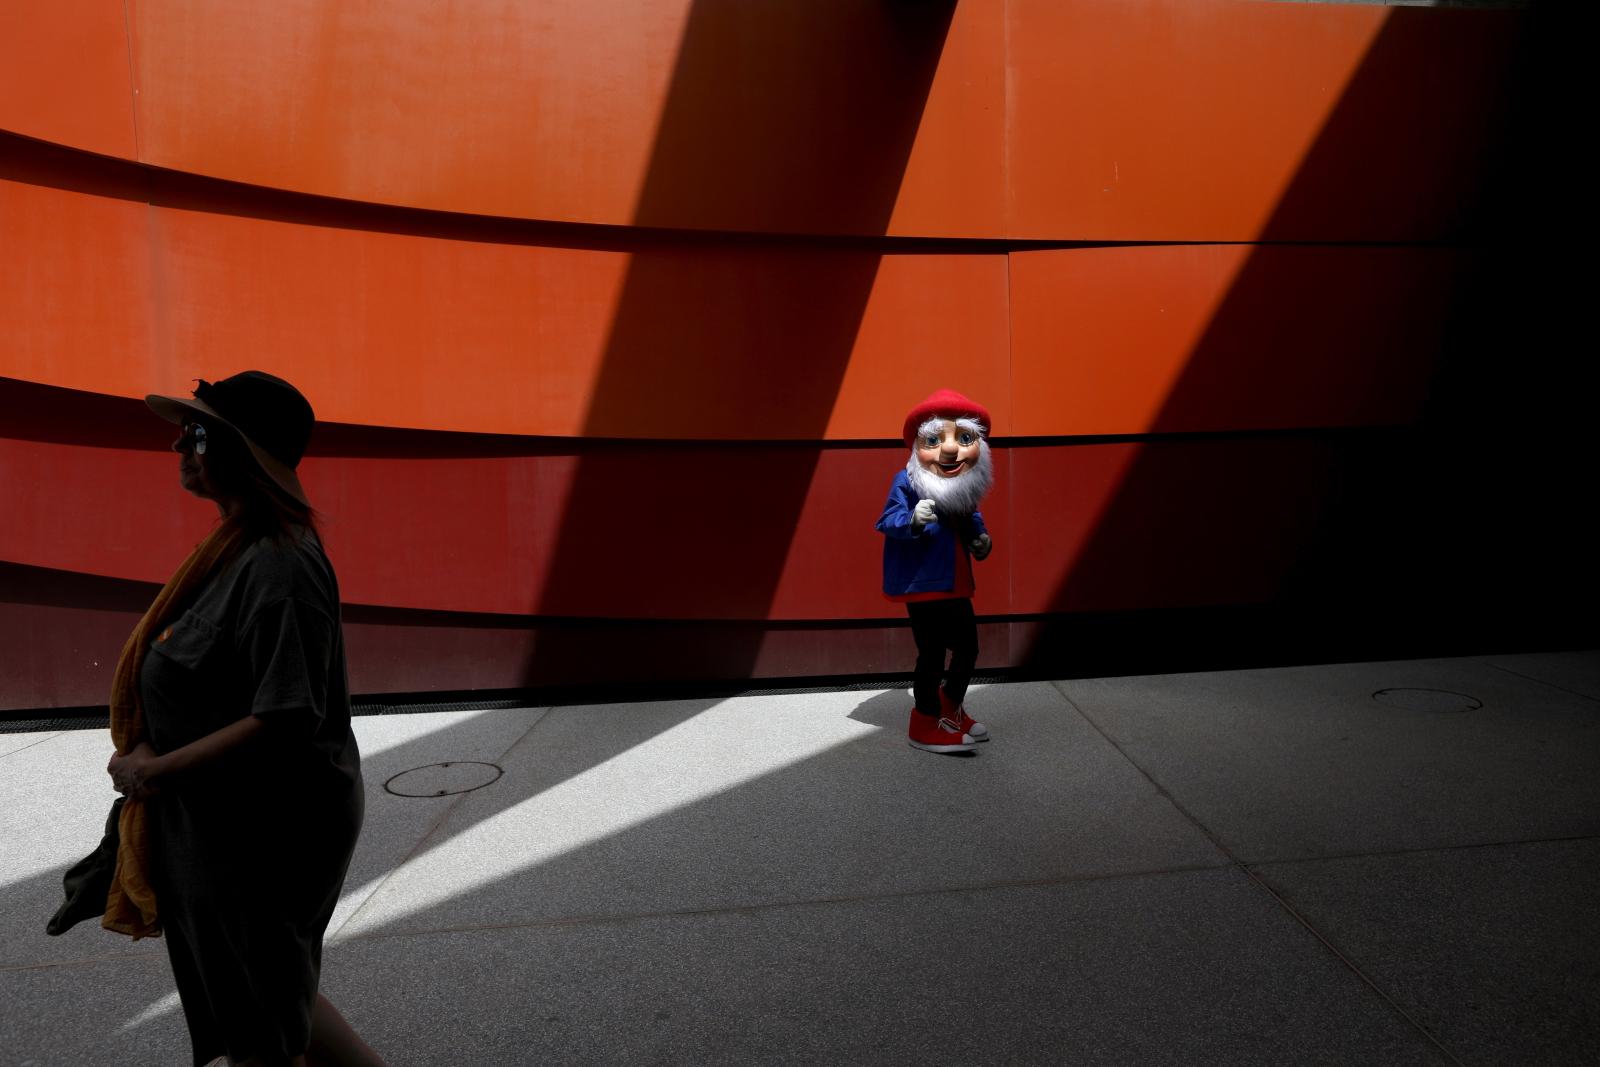 Mężczyzna noszący kostium gnoma w Holon Design Museum, w mieście Holon, Izrael/EPA/ABIR SULTAN